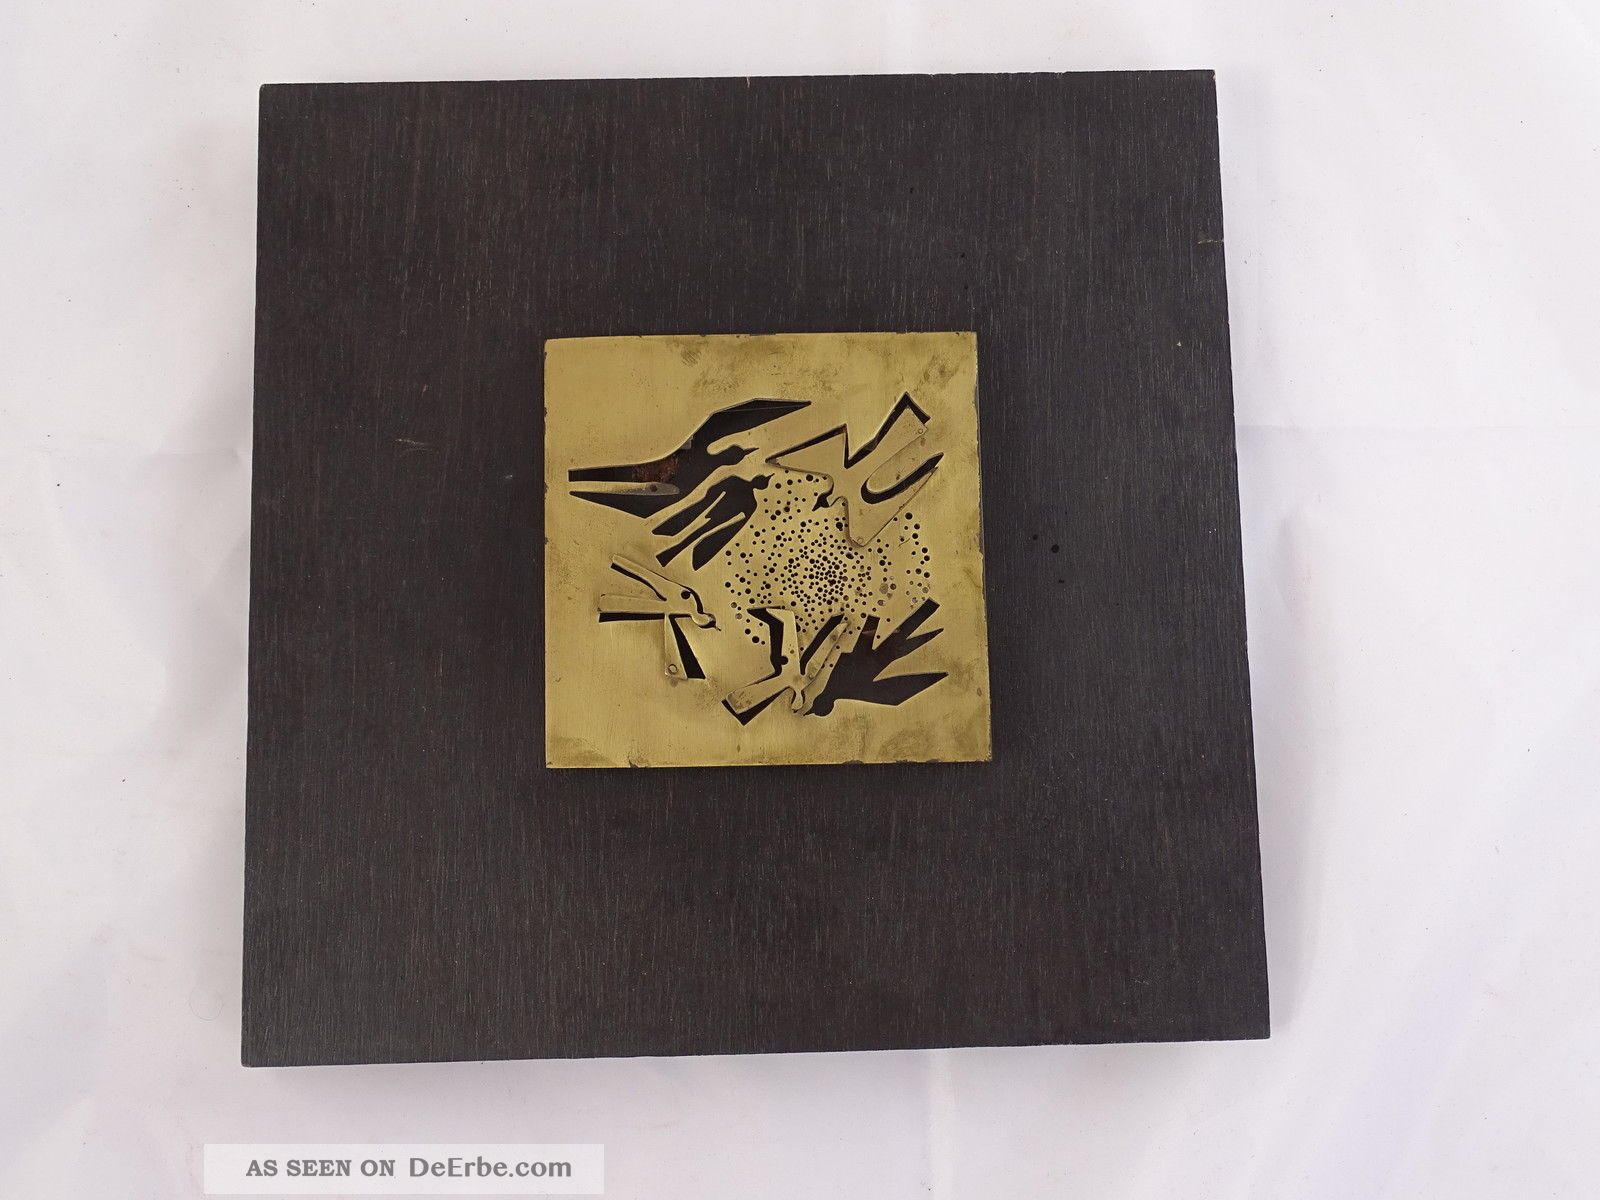 Außergewöhnliches Kunstobjekt Plastik Mit Vögeln Im Flug Auf Holzplatte 1960-1969 Bild